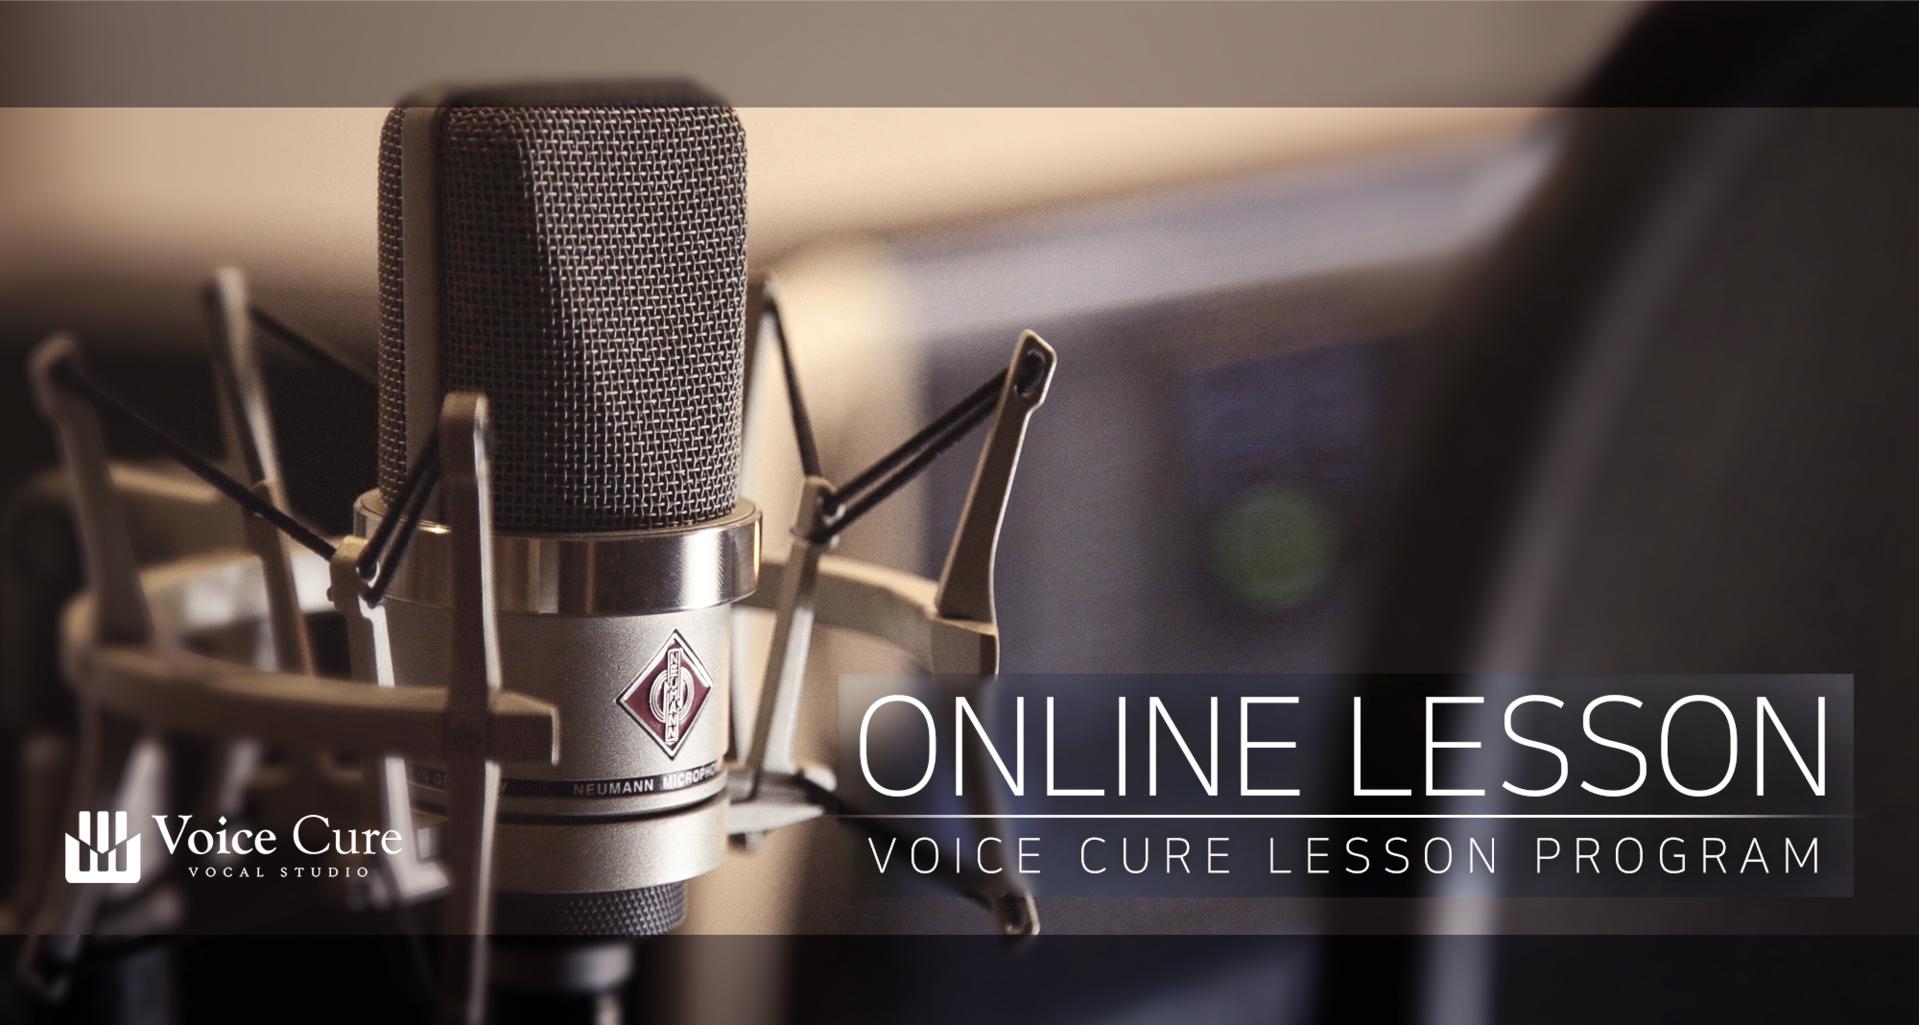 보이스큐어 온라인 보컬 트레이닝 보컬 레슨 Vocal online lessons